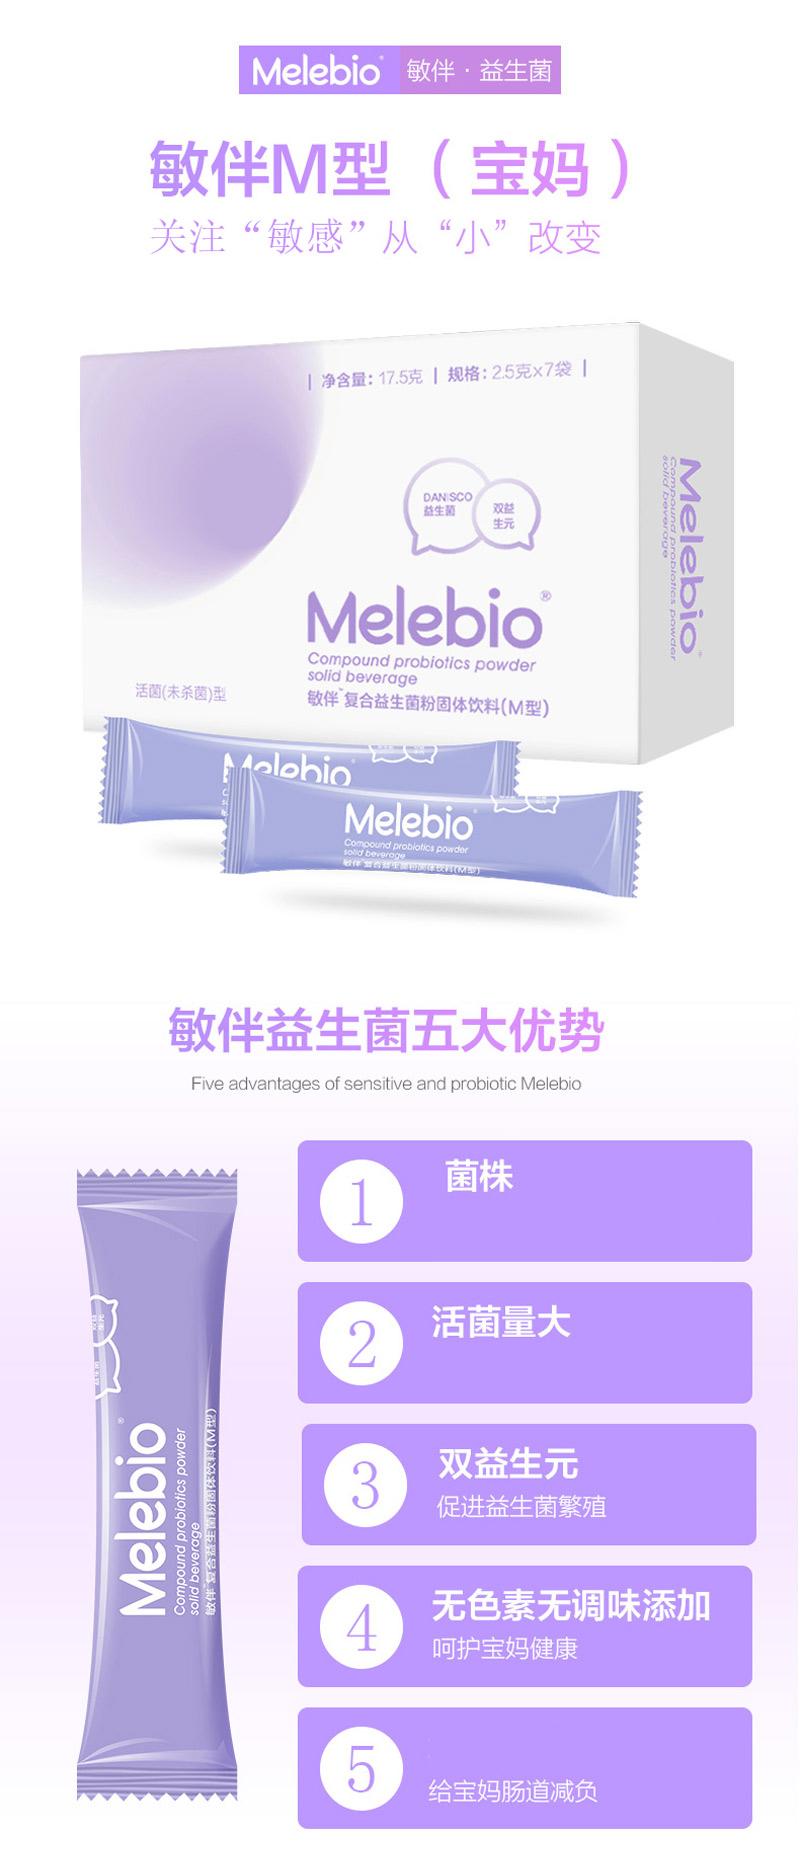 敏伴 复合益生菌粉固体饮料(M型) 2.5g*7袋